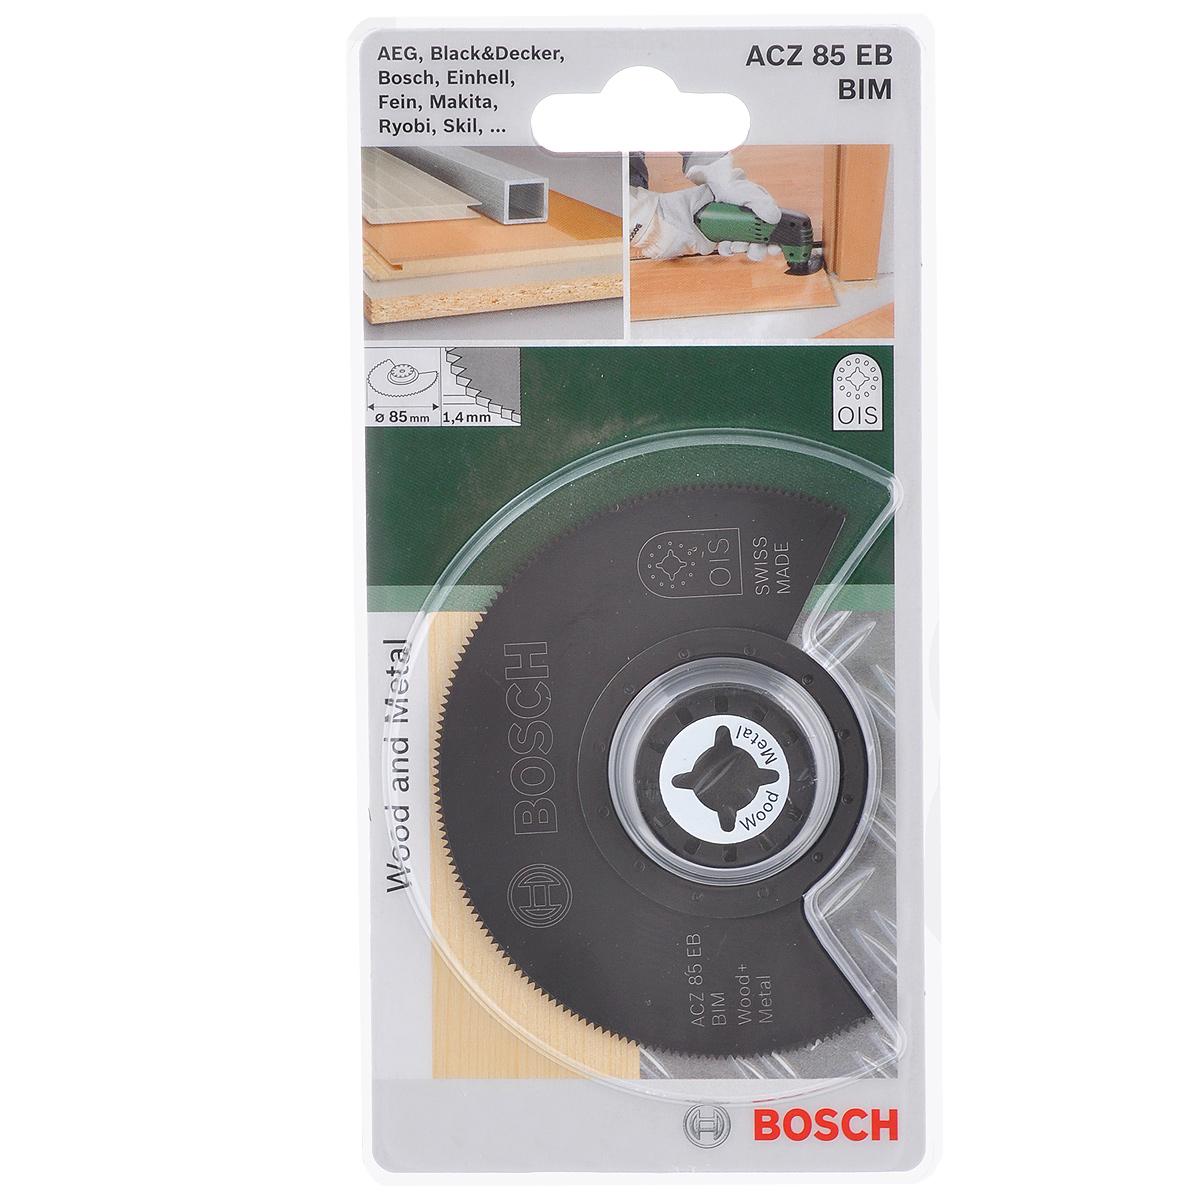 ���� ������� Bosch Bim �� ������ � �������, ��� PMF 180, ������� 85 ��